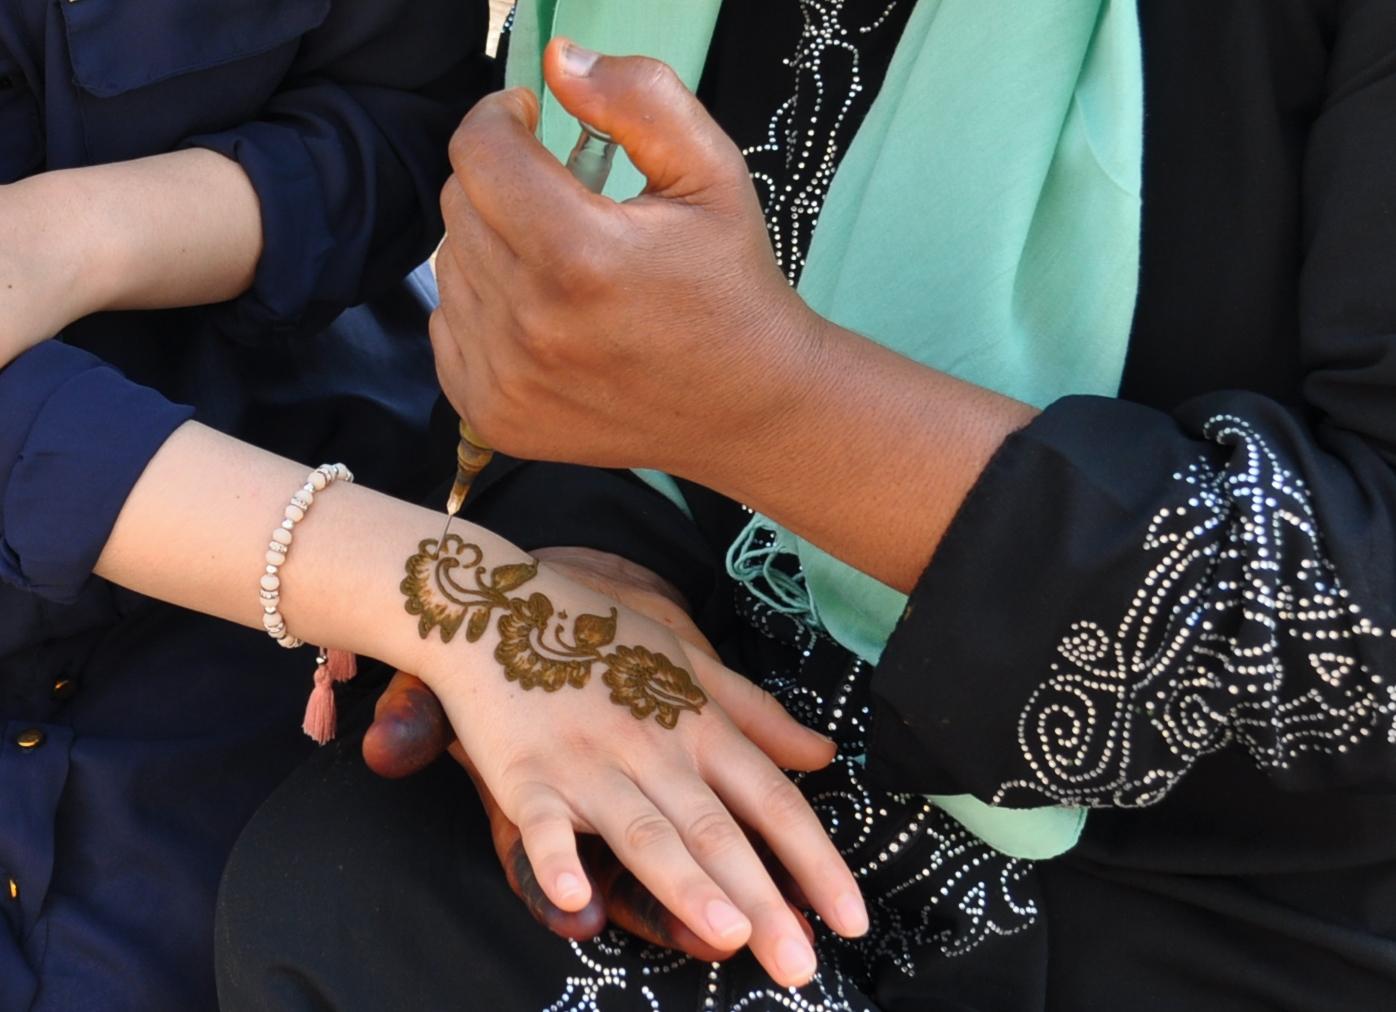 Henna-Tattoo | Henna tattoo